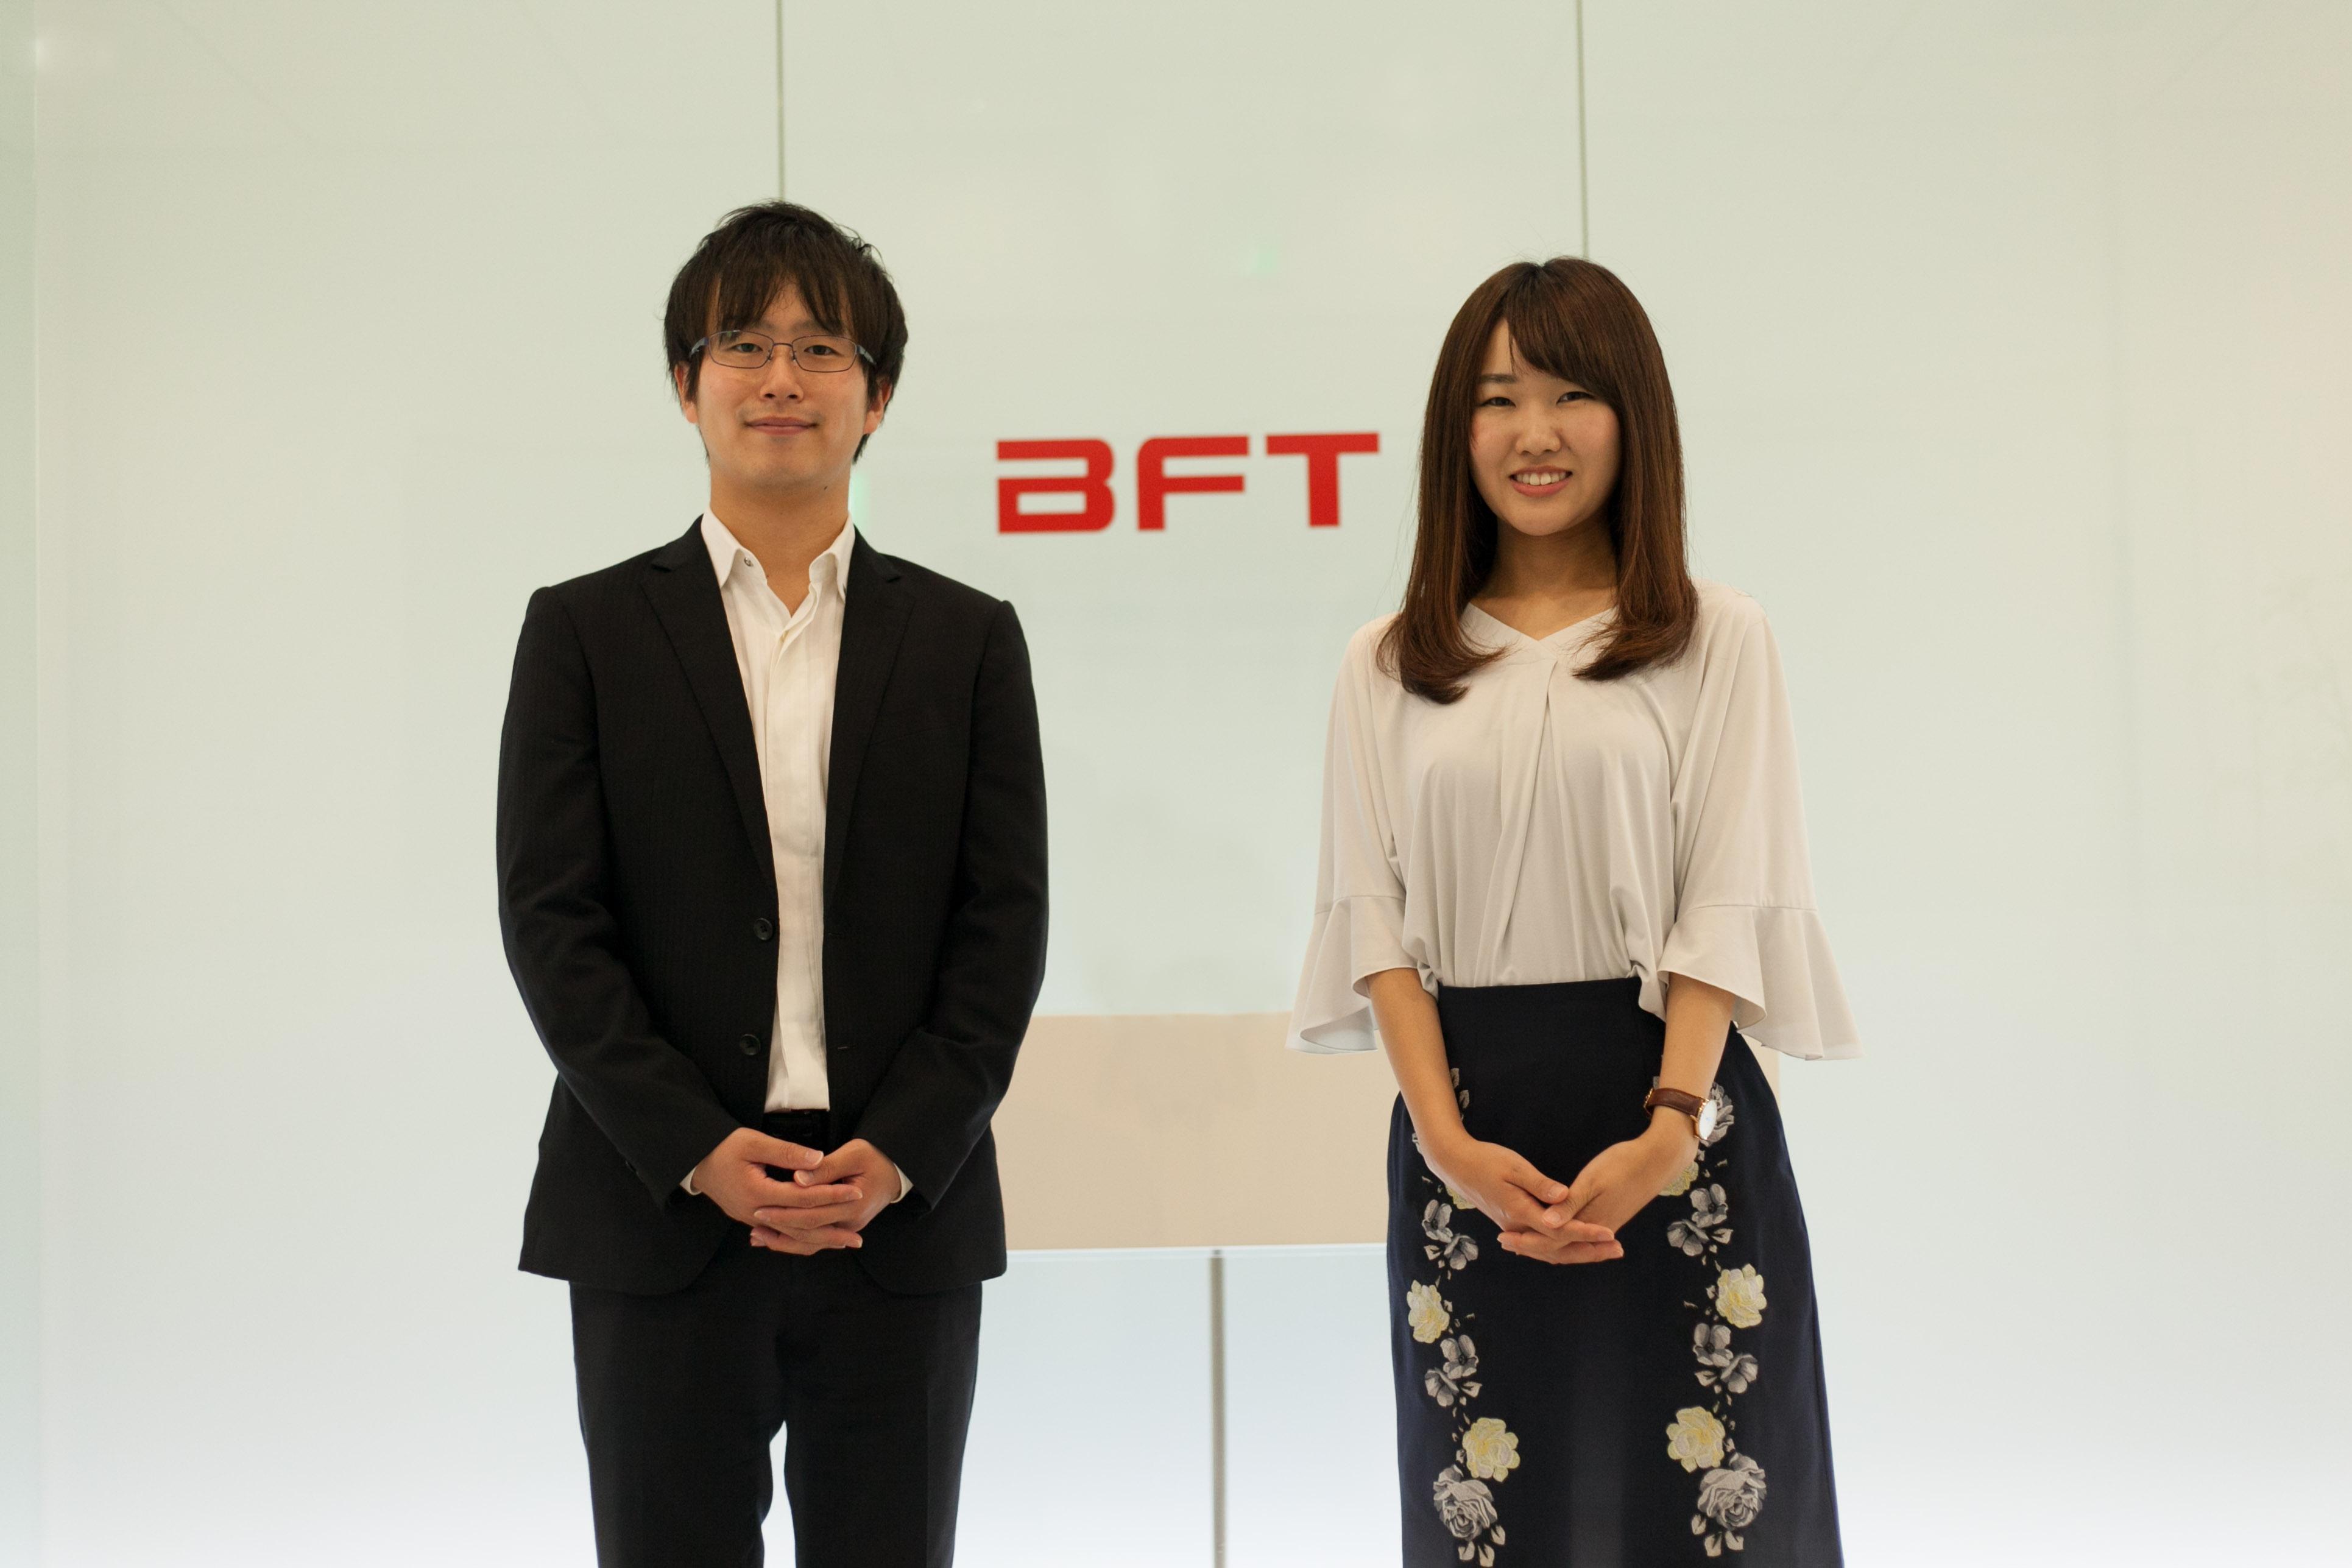 お出迎えしてくれたBFT社員の佐藤さんと福田さん